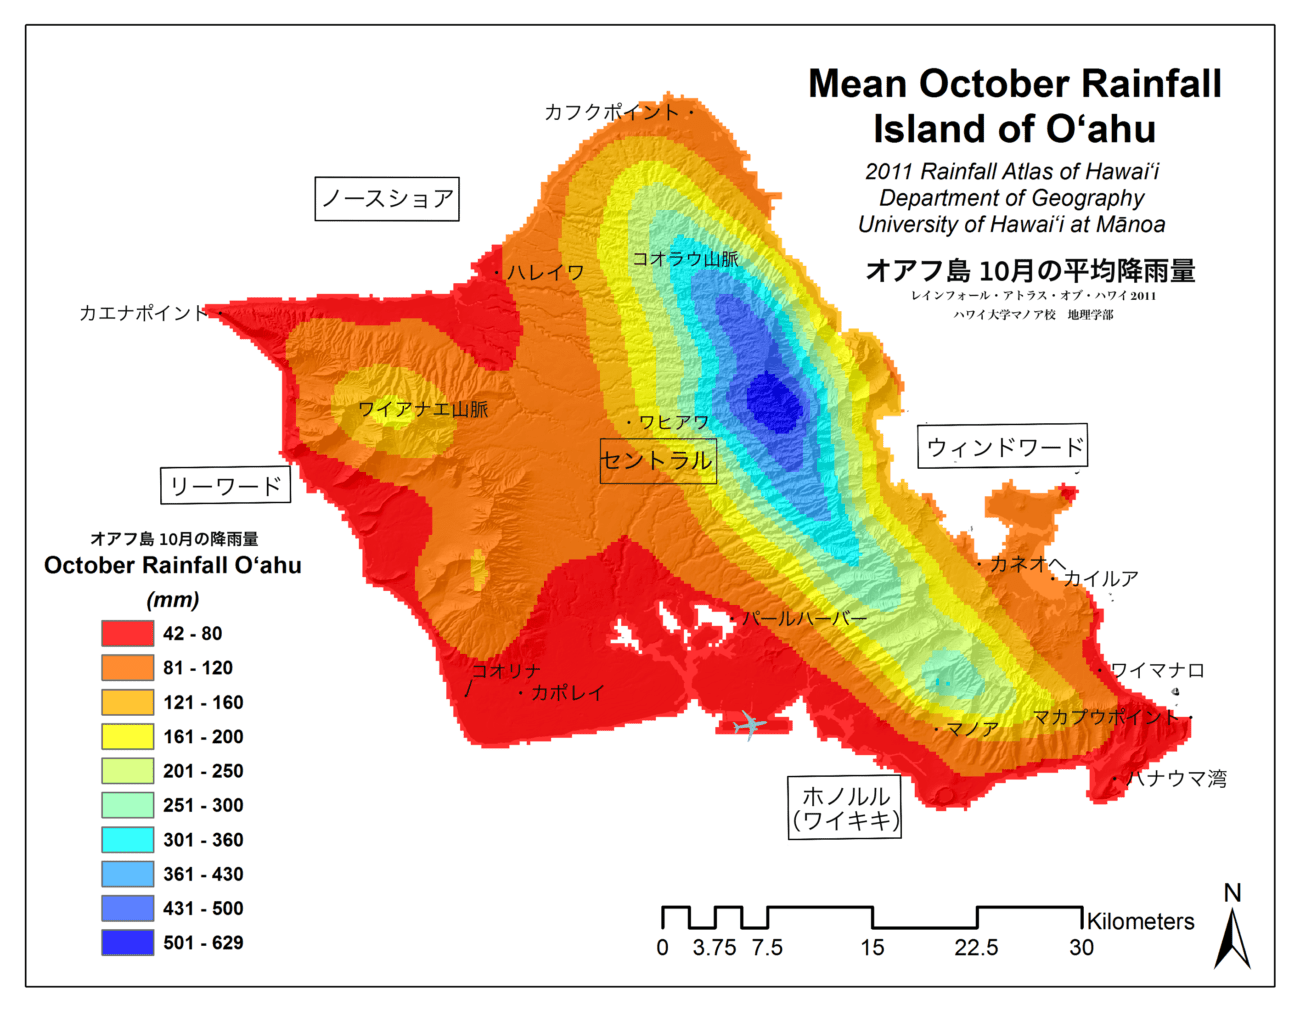 オアフ島 10月の平均降雨量